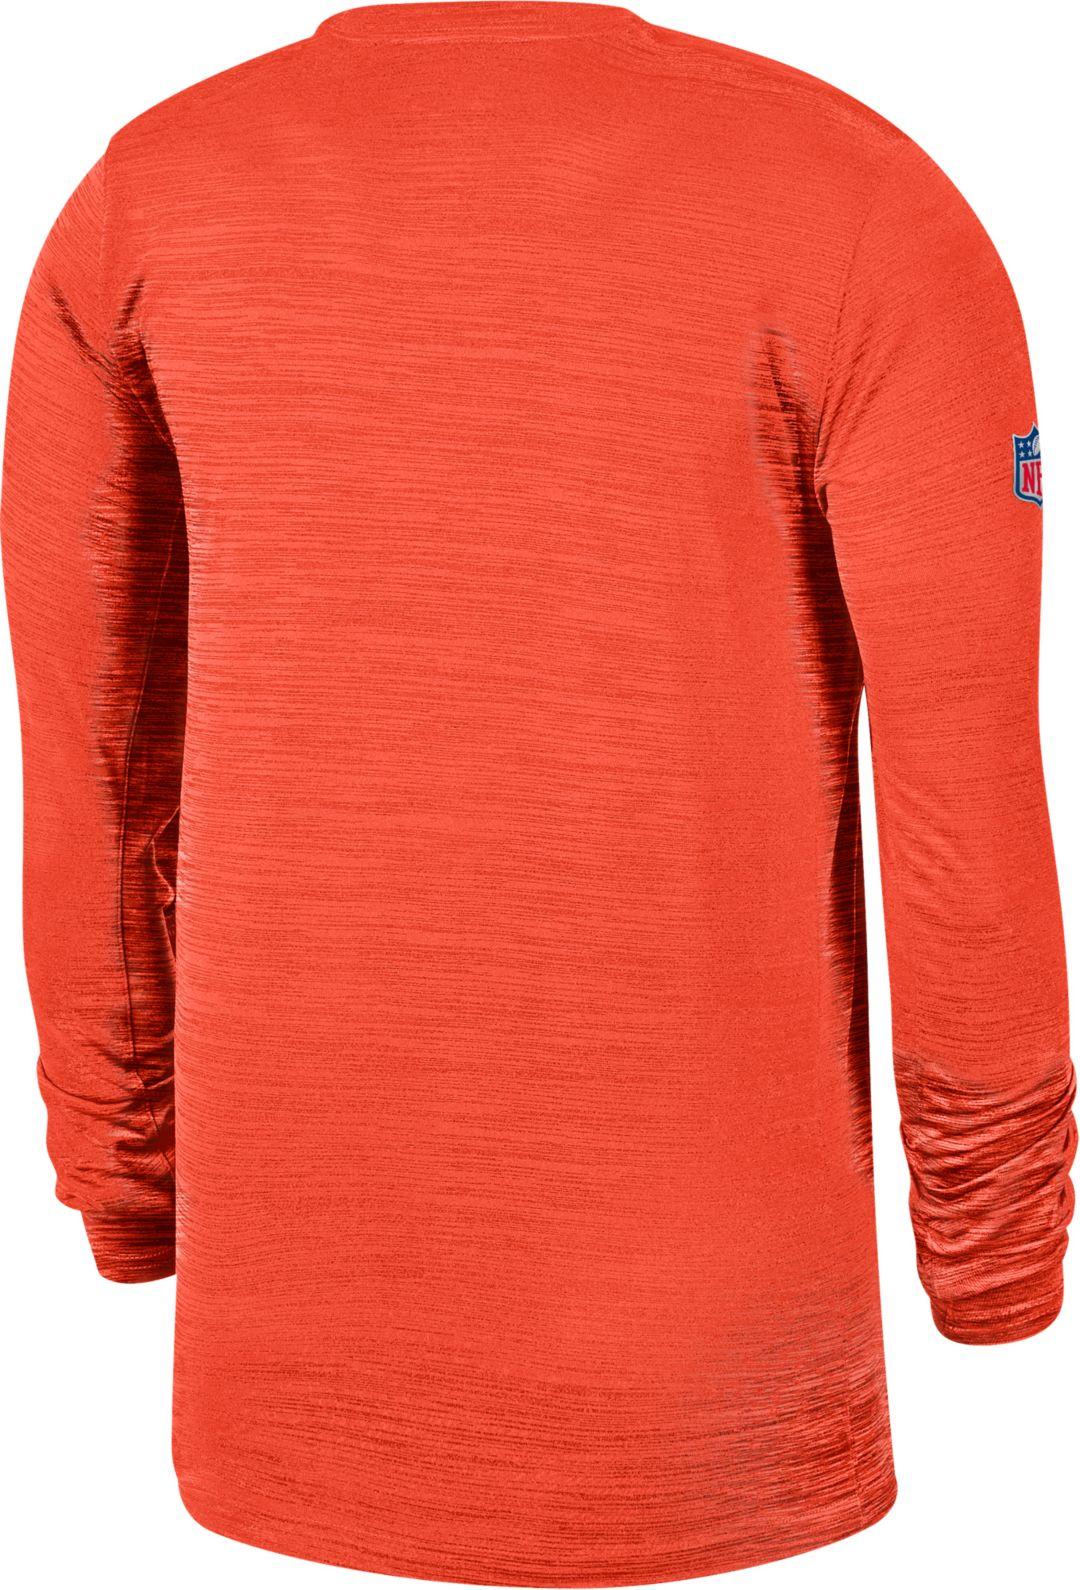 huge discount 4041d 2ba8f Nike Men's Cleveland Browns Sideline Legend Velocity Orange ...